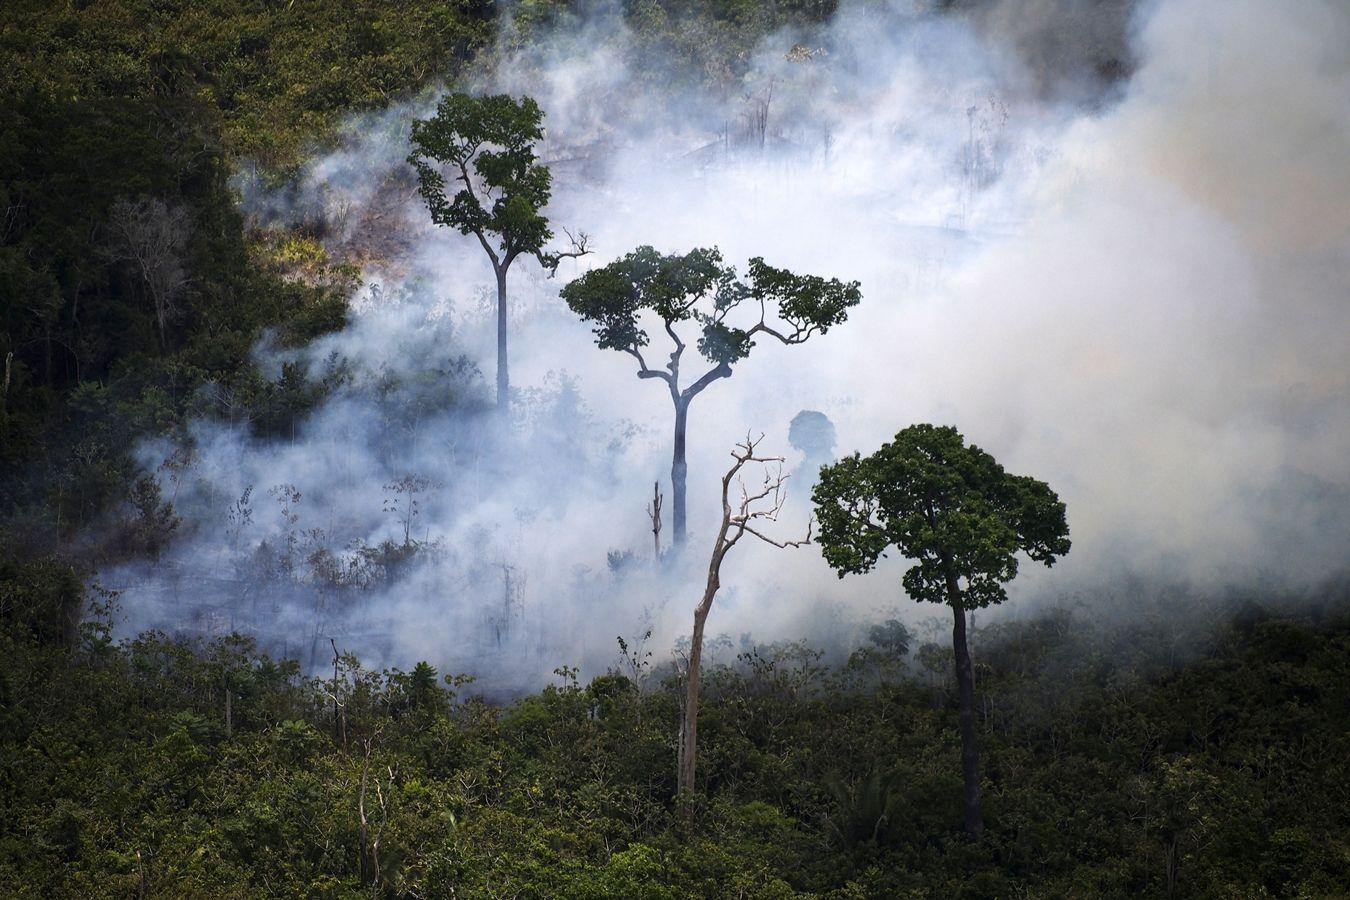 AFP ไฟป่า แอมะซอน บราซิล 2019 Wildfire Amazon Brazil